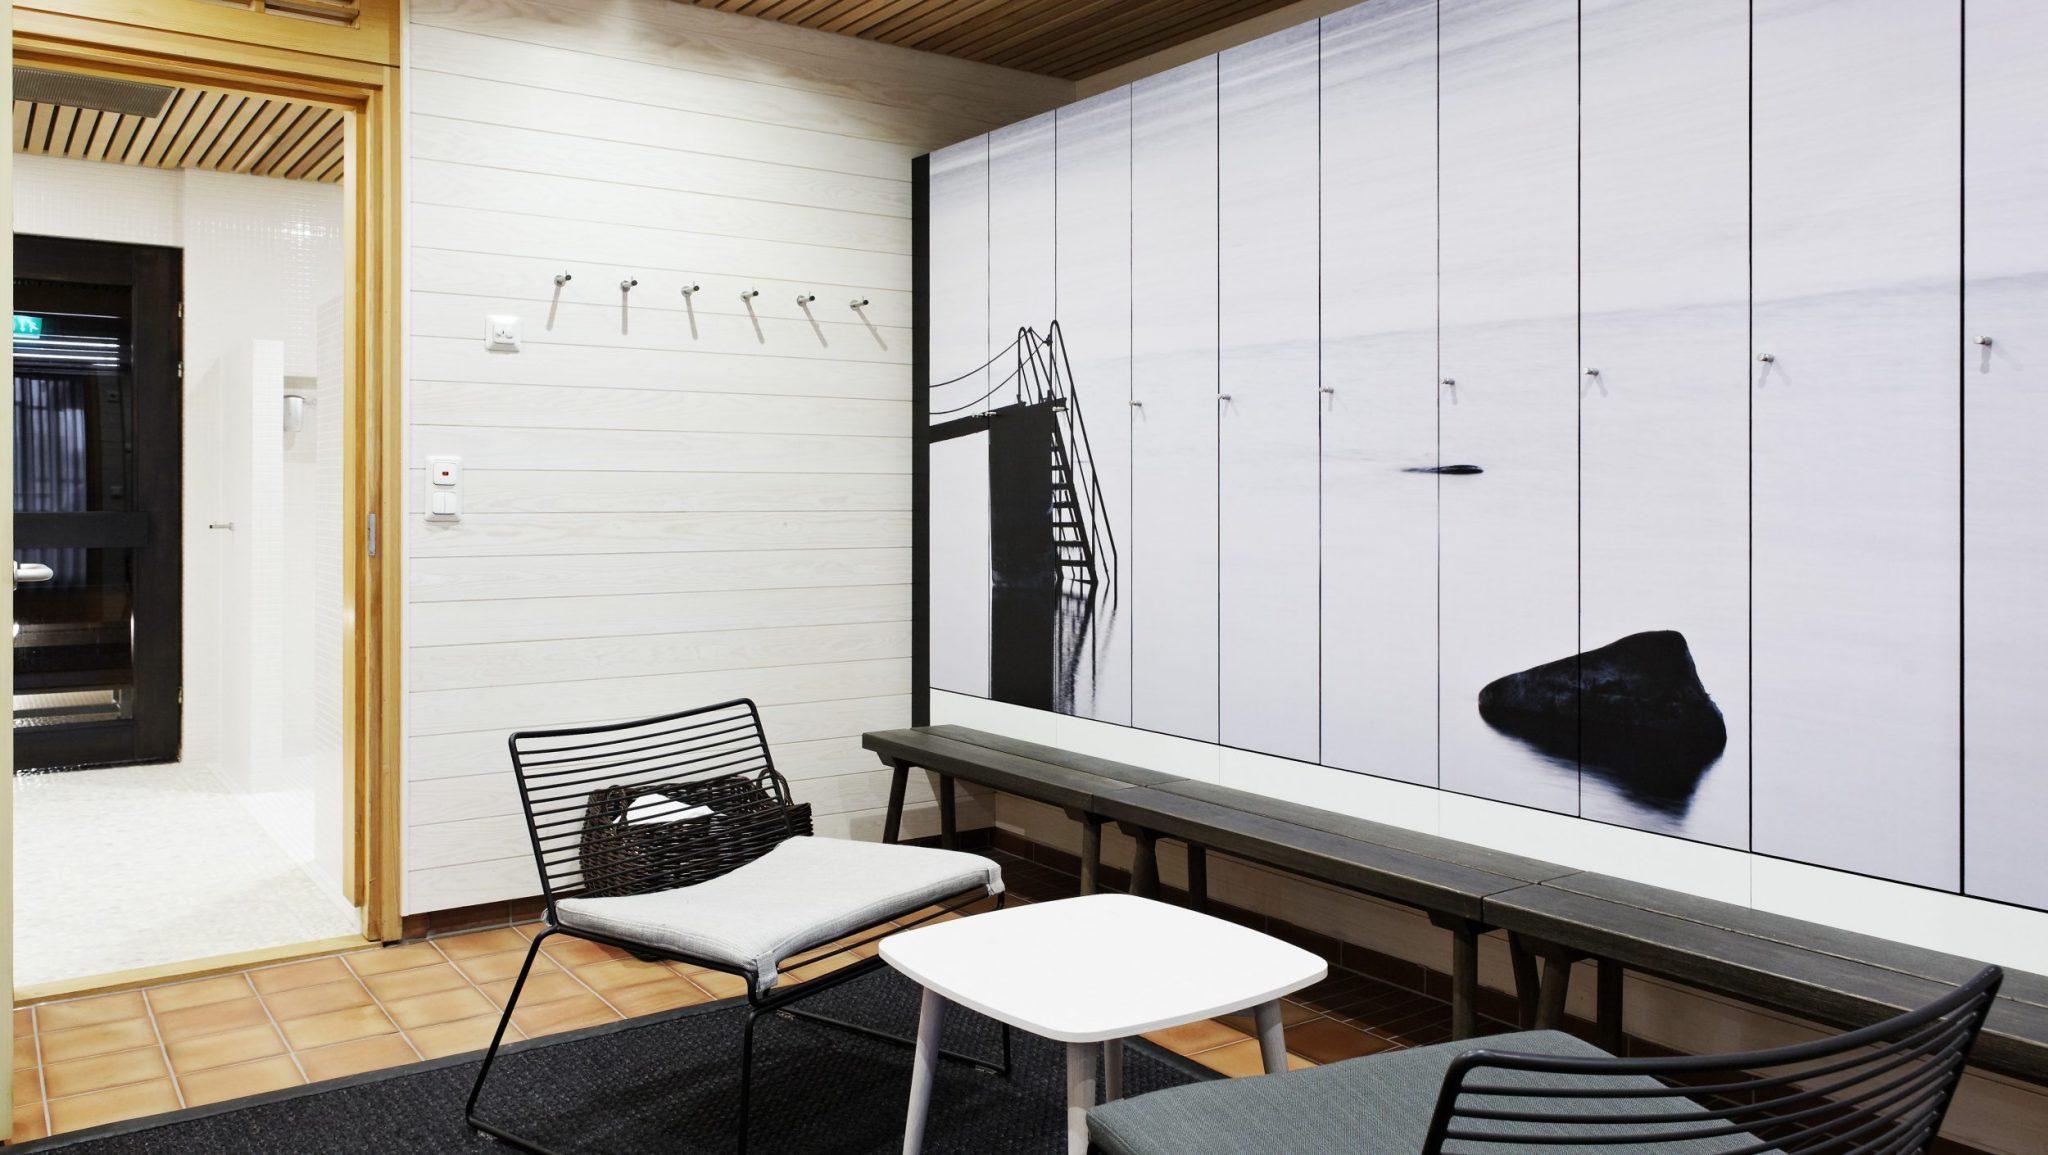 Hewlett-Packard-sauna-area-Espoo-GI-Project-2